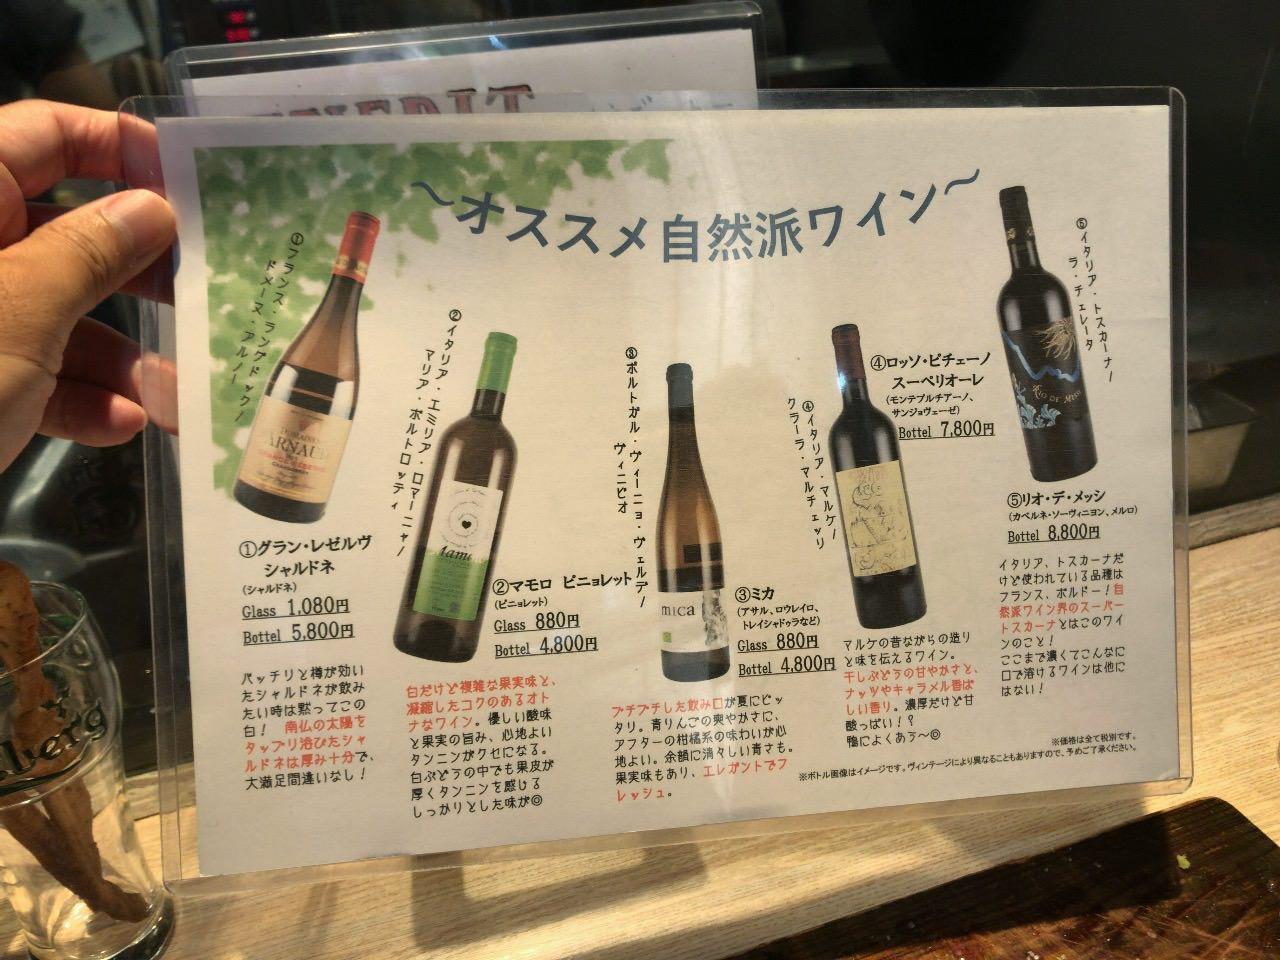 鴨一ワイン酒場 SUN ワイン